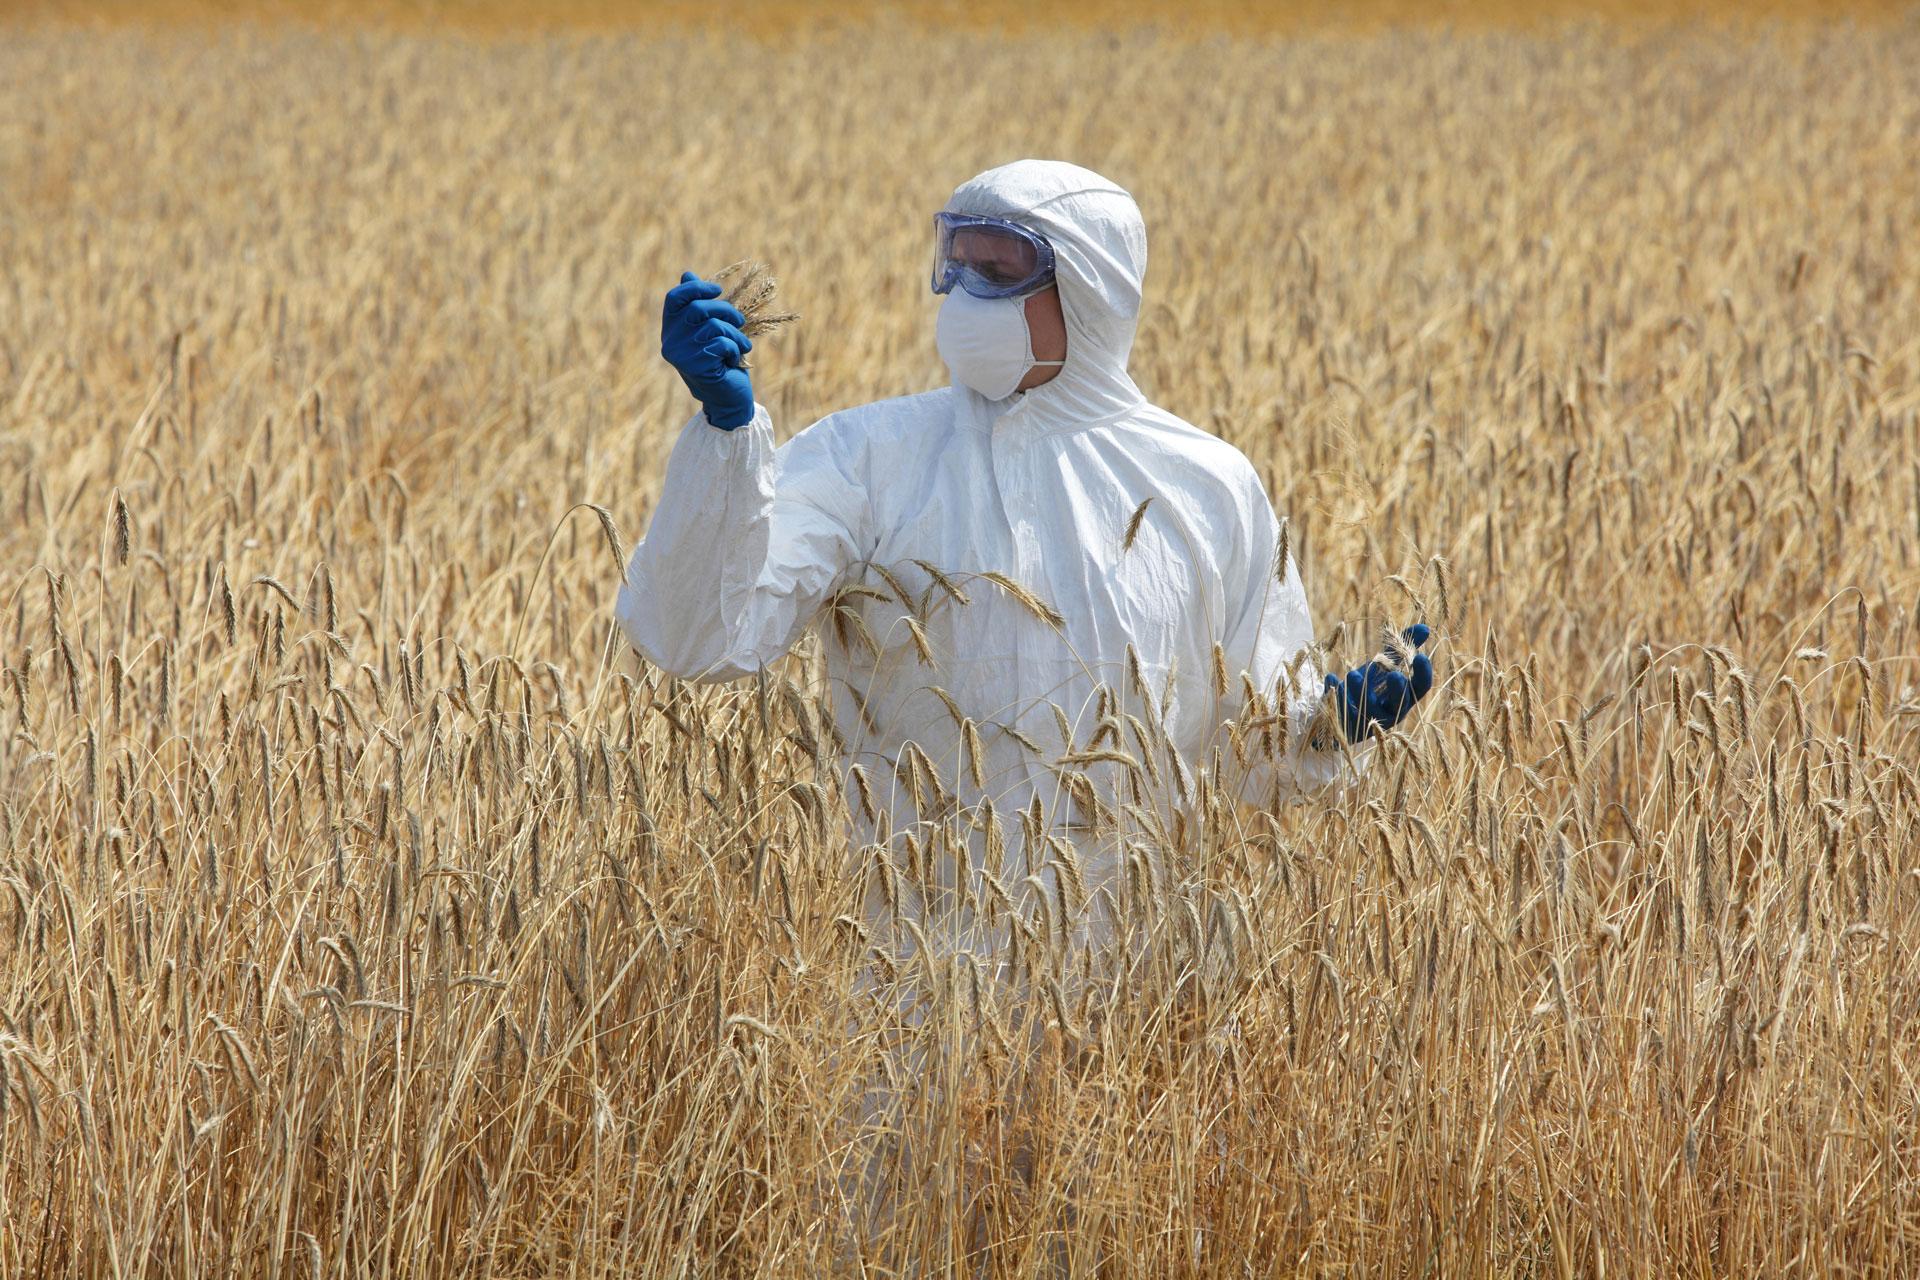 studio river consulenza in materia sicurezza ambientale igiene alimentare